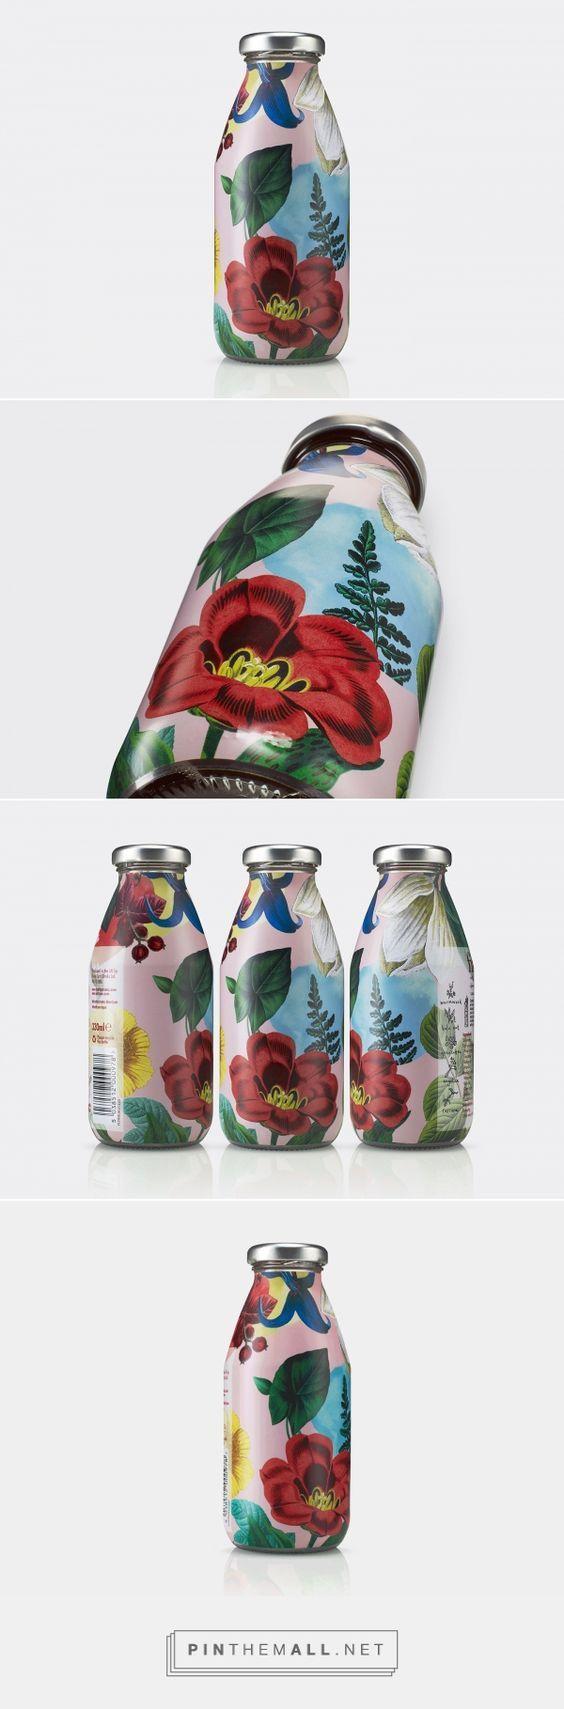 Superfly Botanical Beverage Packaging by B&B Studio